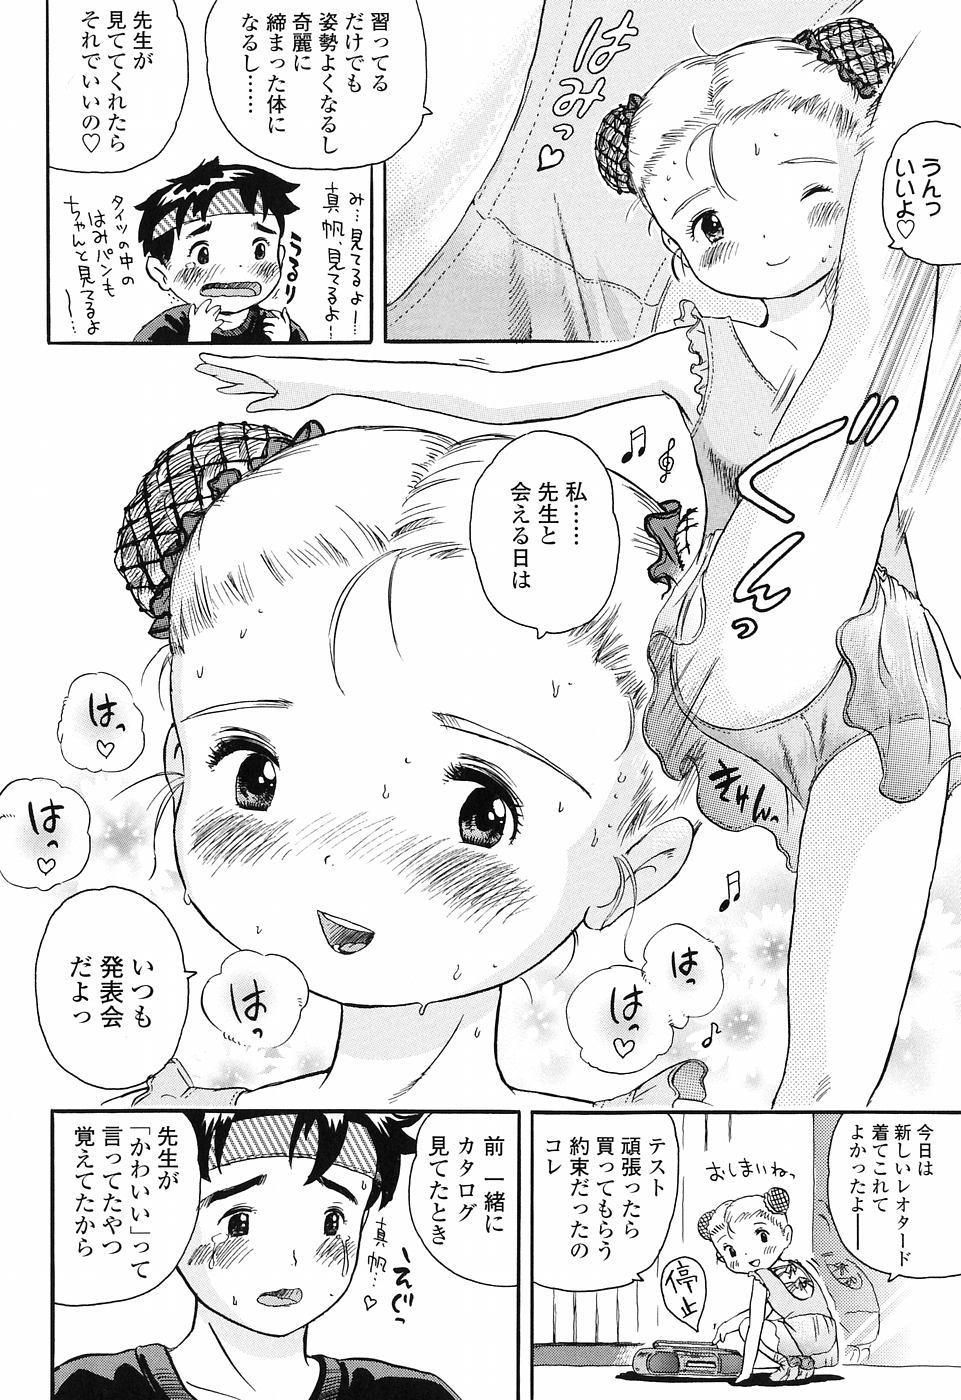 Koisuru Fukurami 37